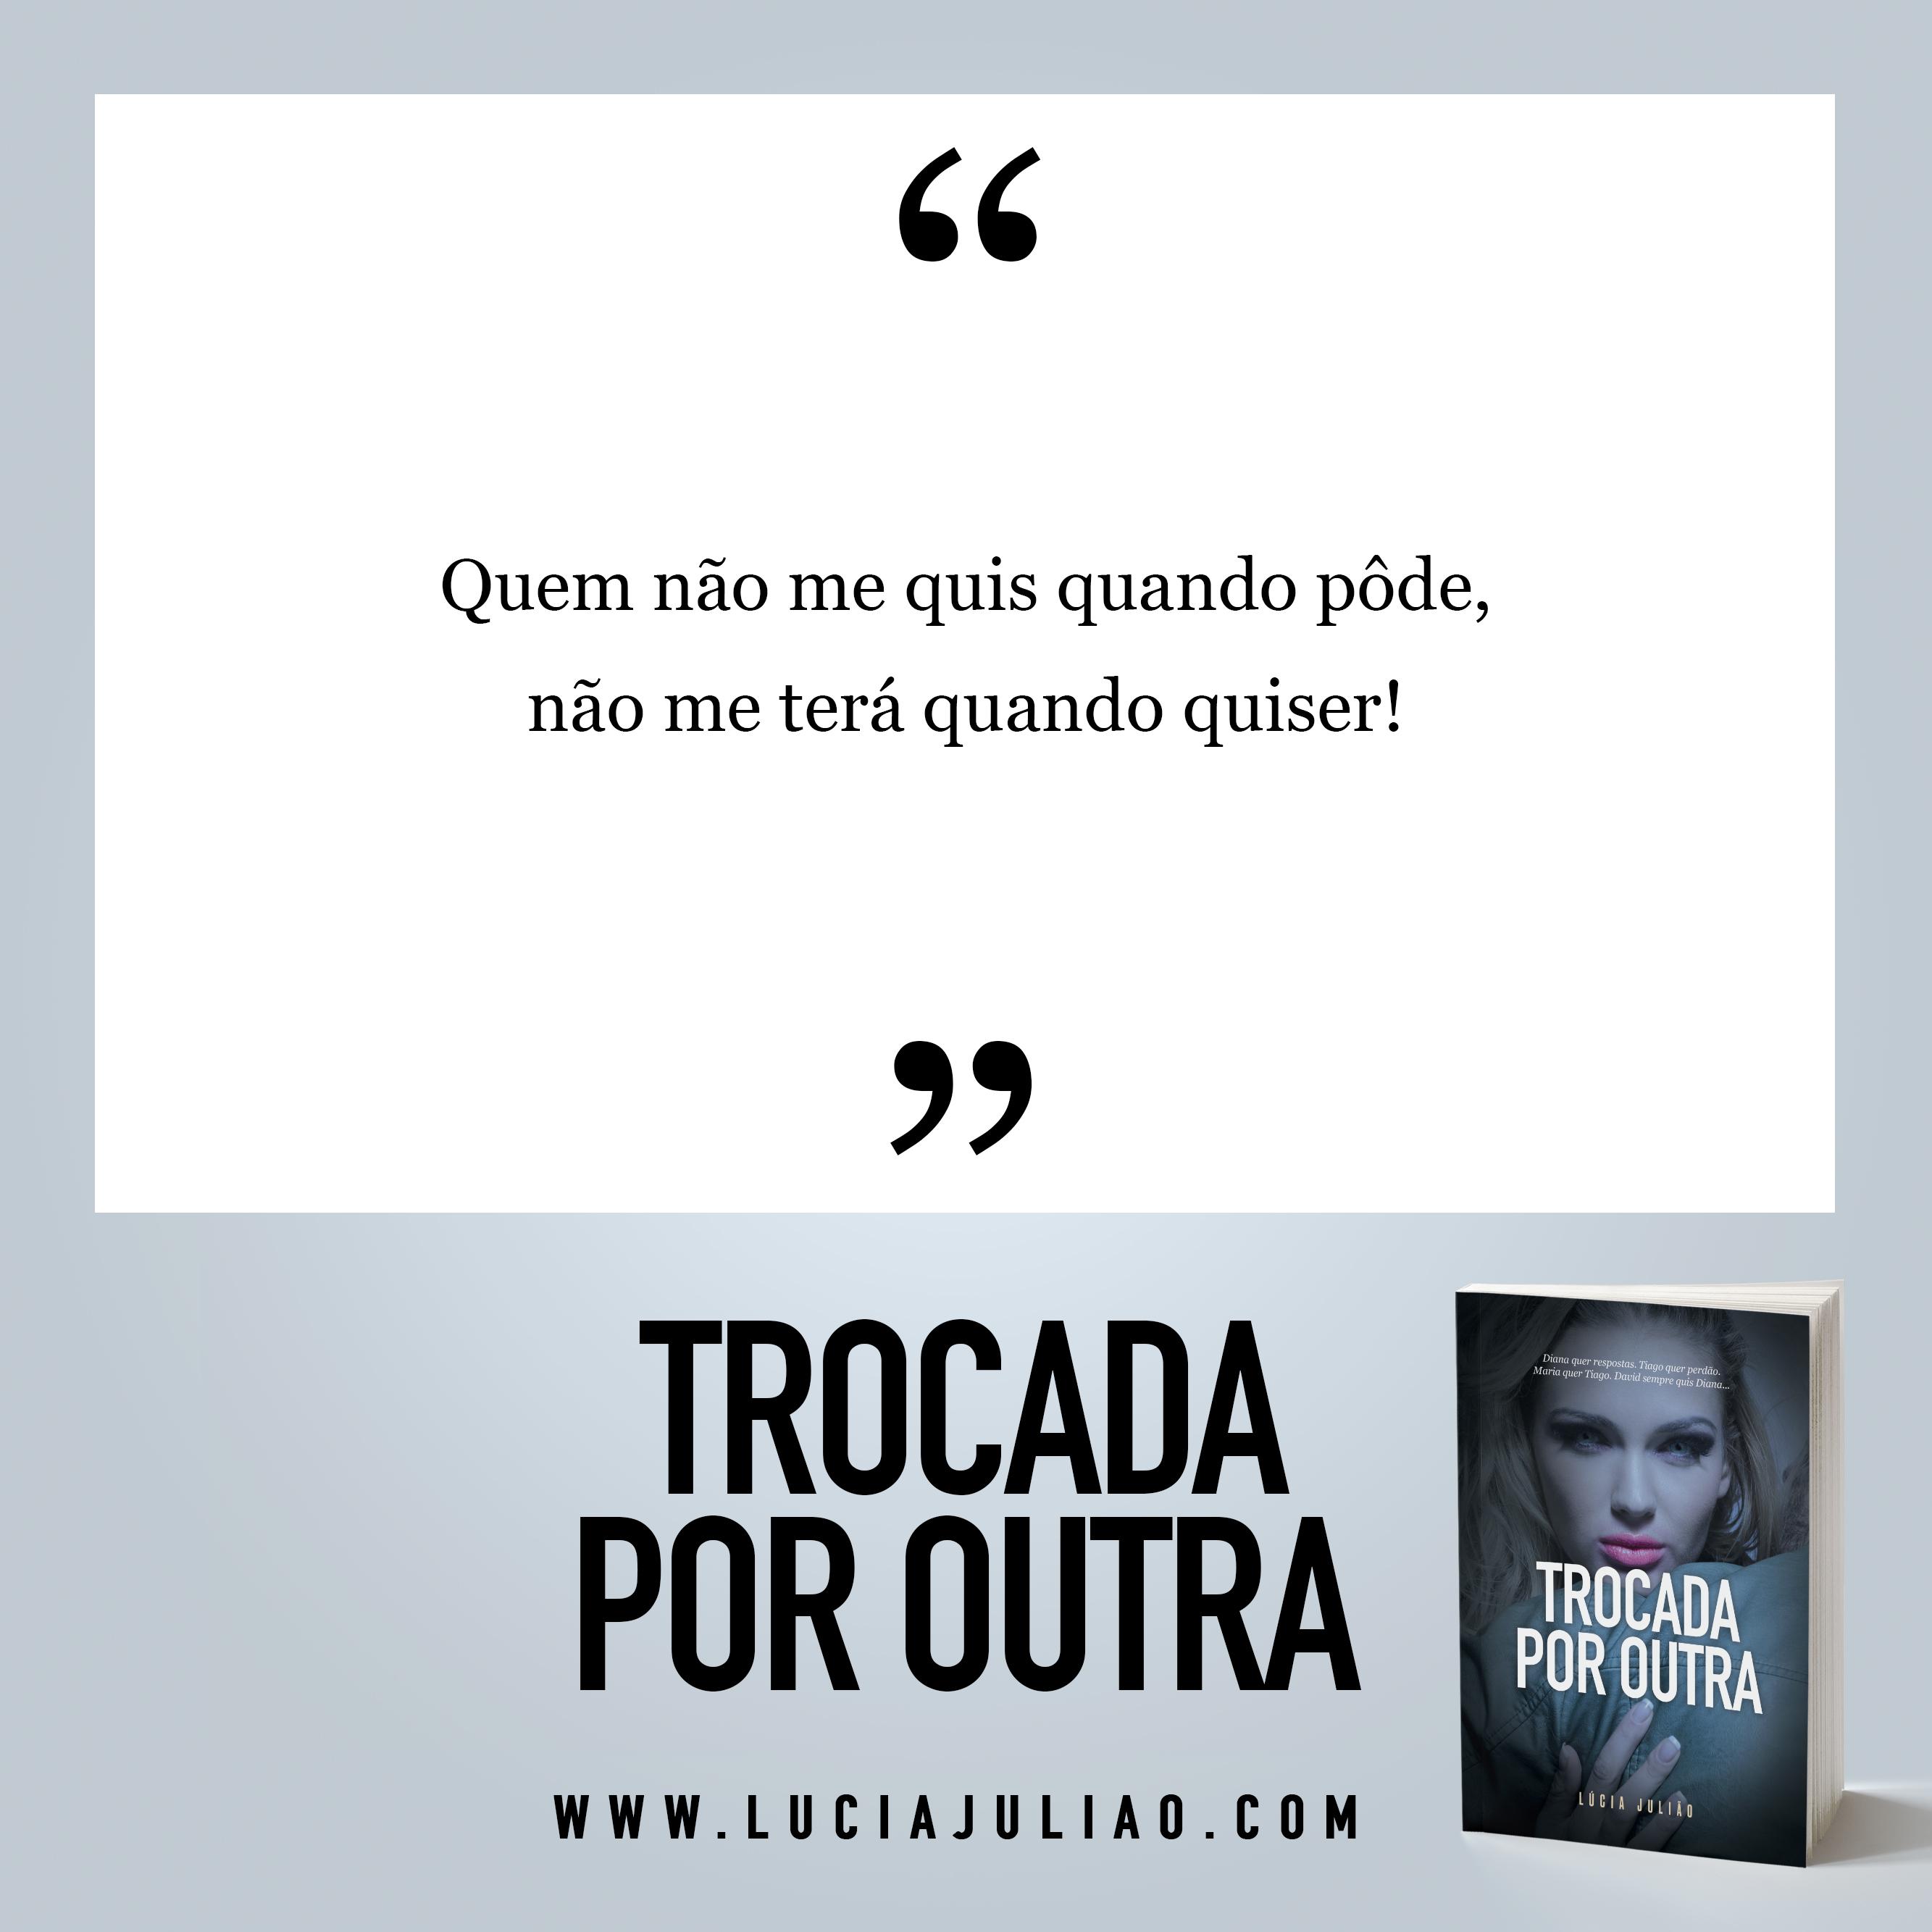 001Q - introdução Trocada por outra - Lúcia Julião